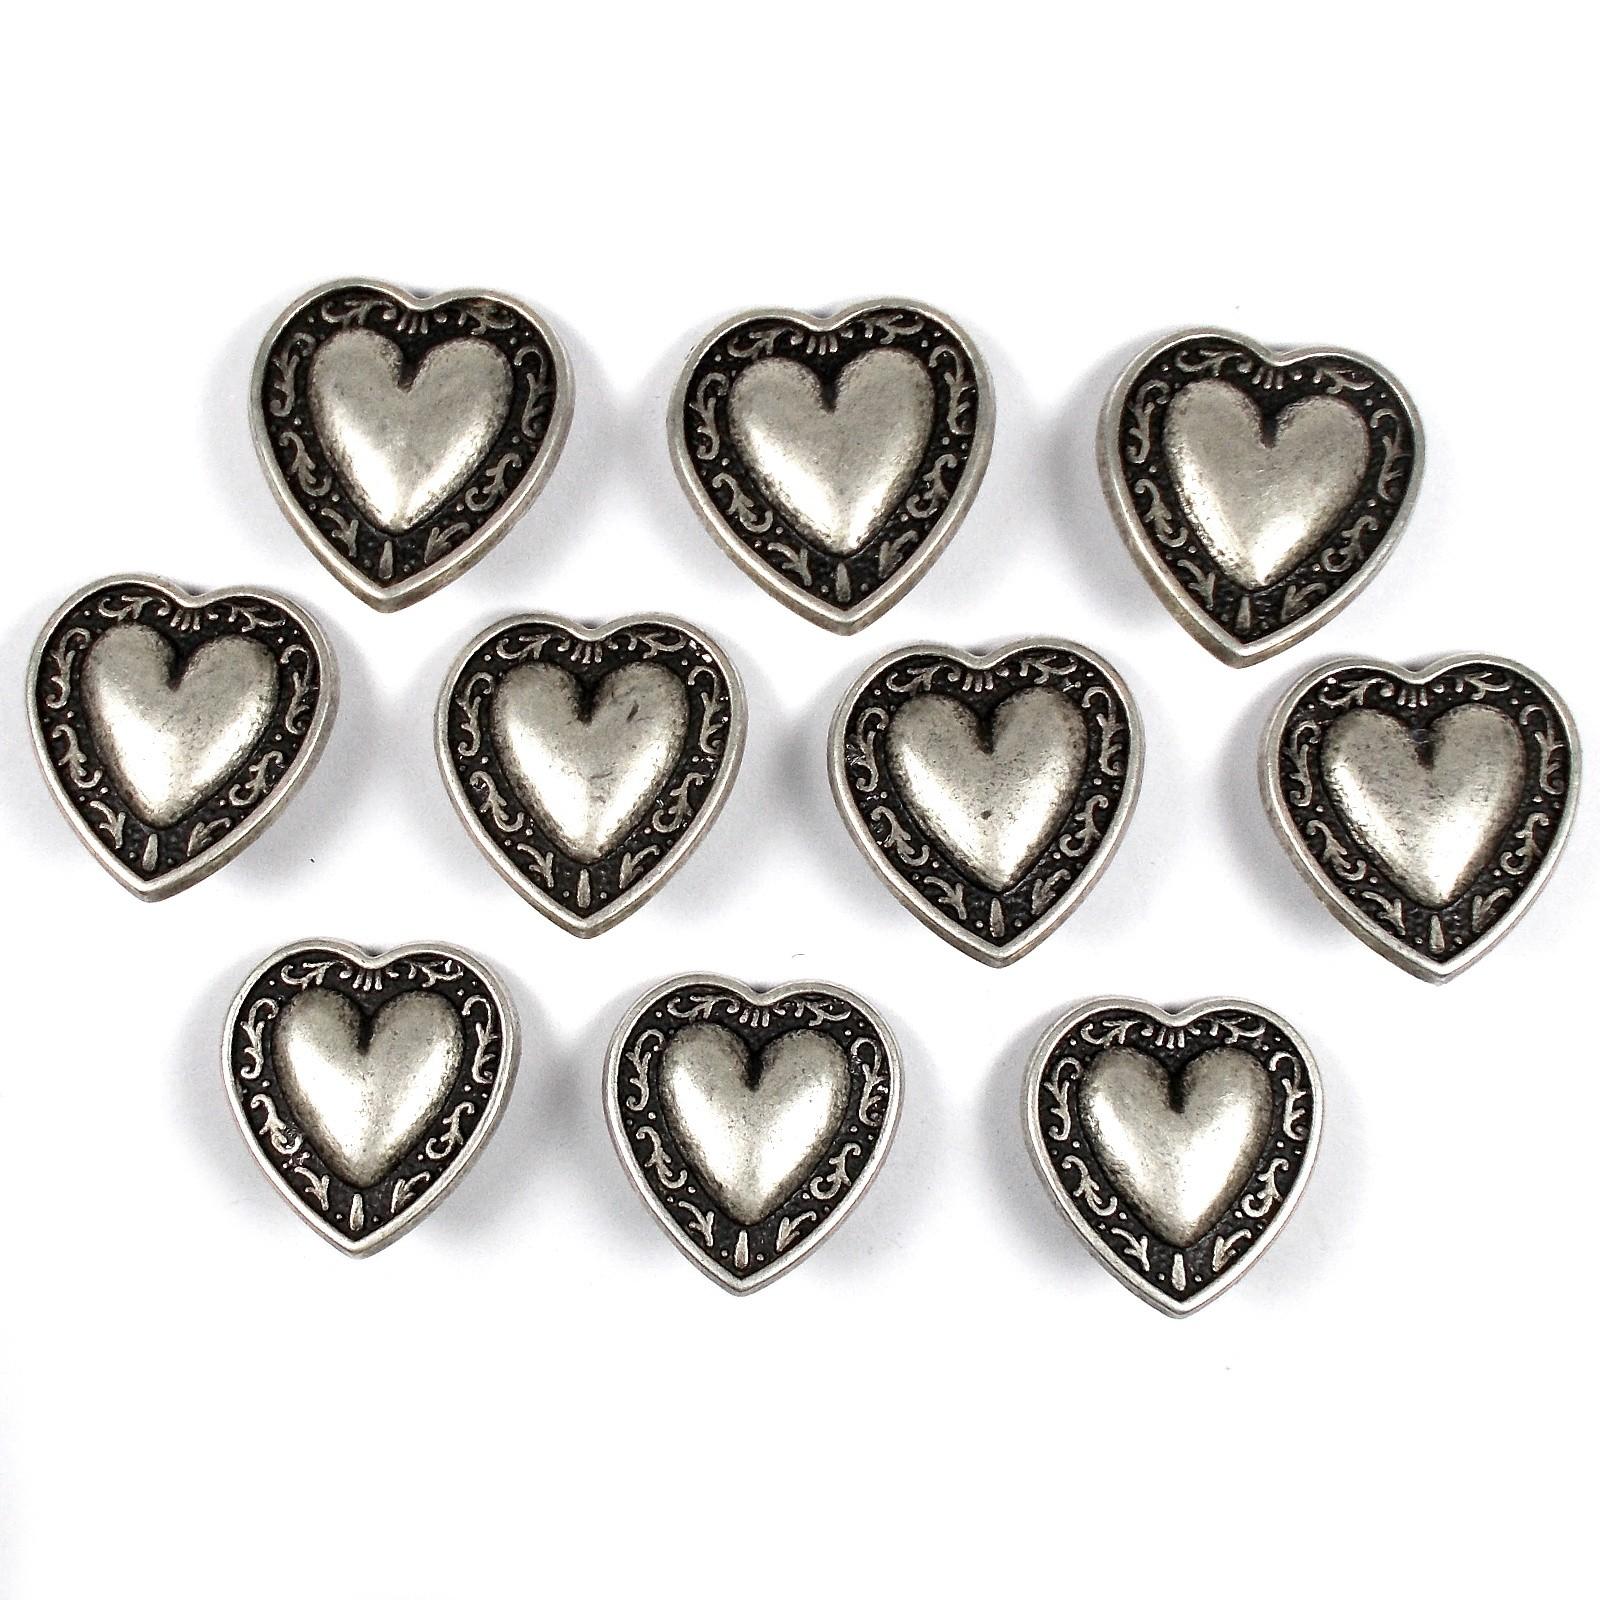 Metal Heart Buttons Vine Border Antique Silver Colour 18mm